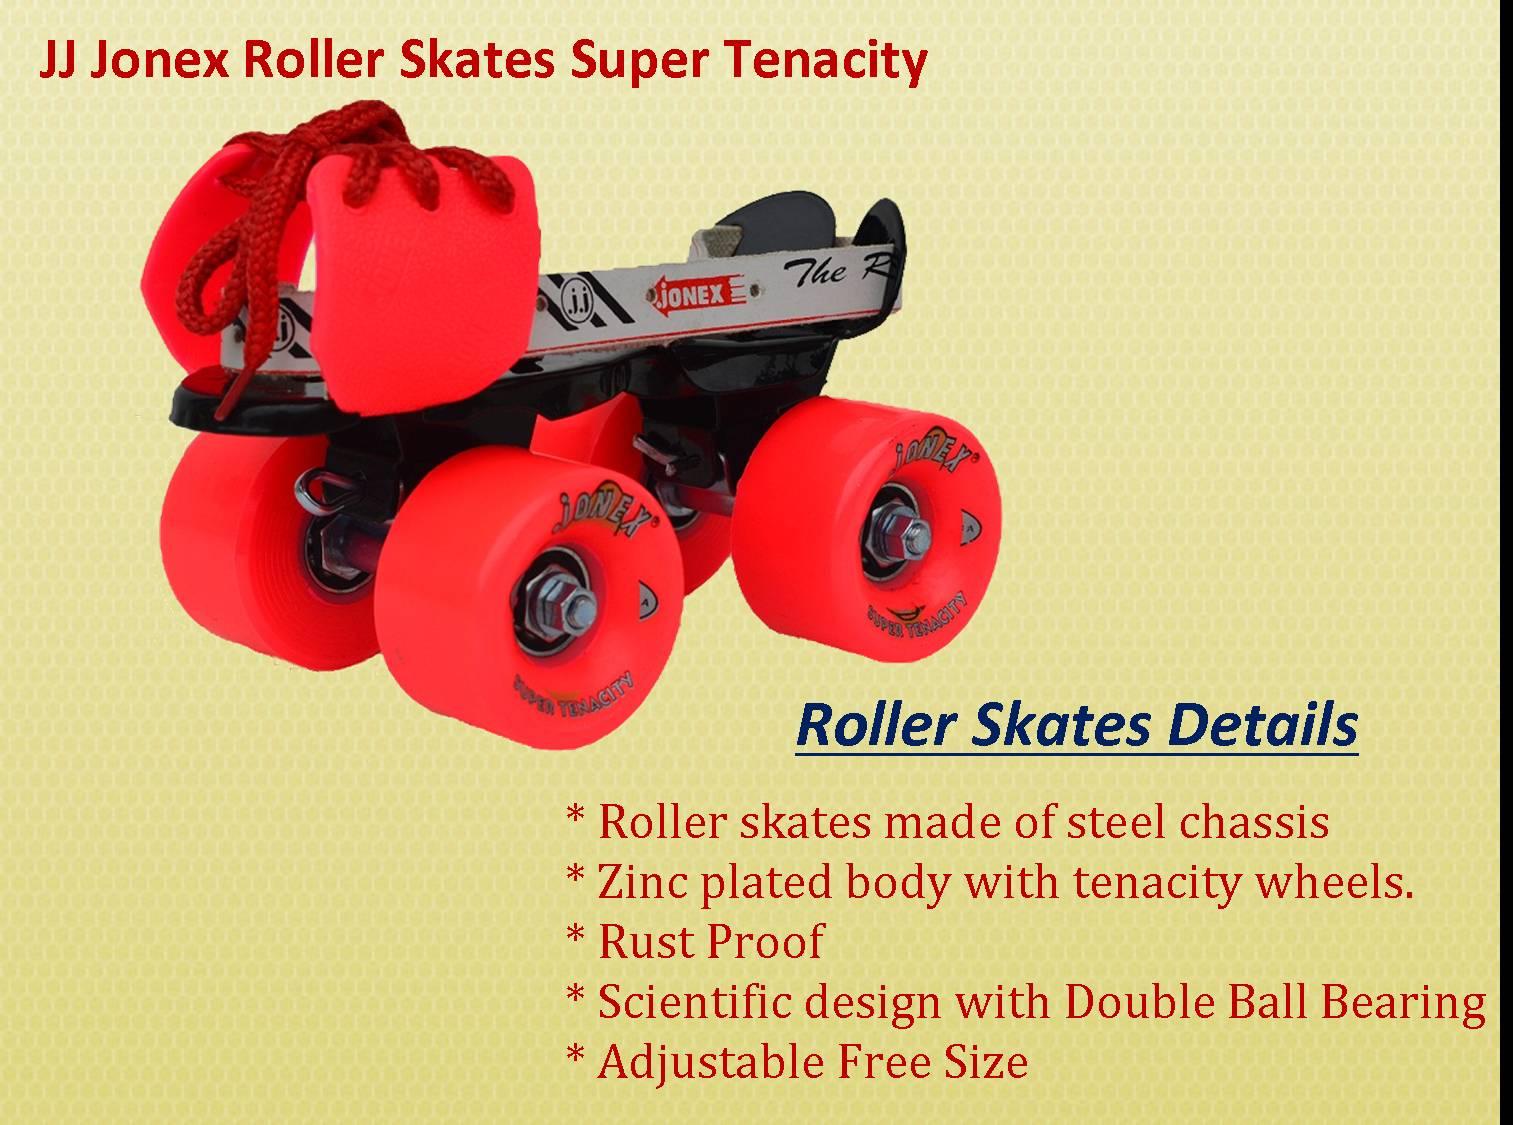 Roller Skates JJ JONEX Super Tenacilty